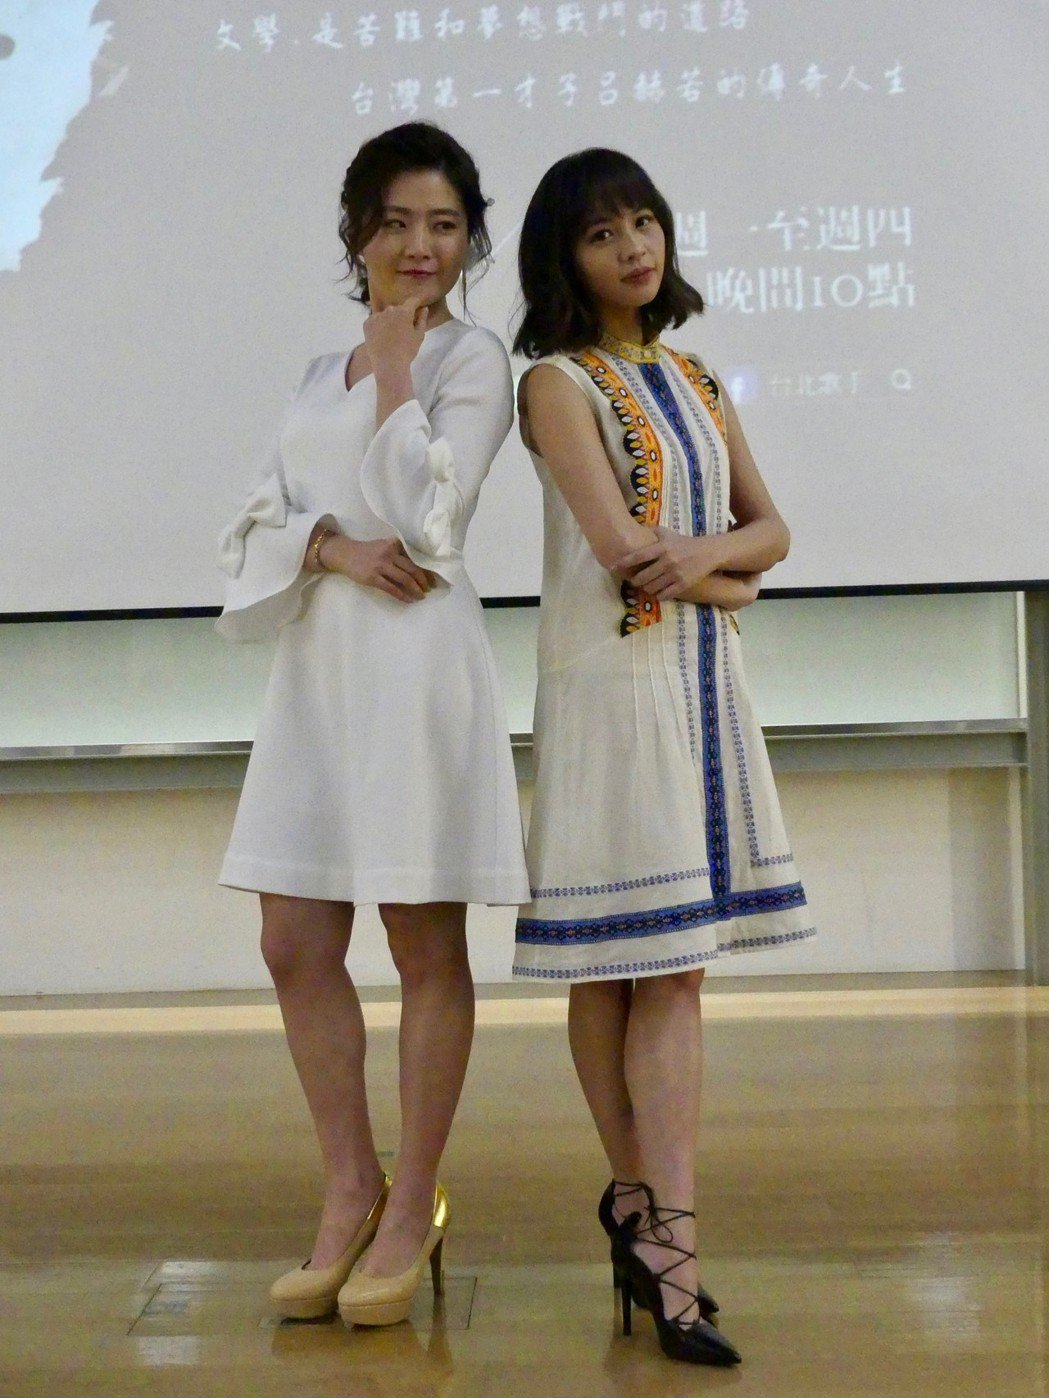 楊小黎(左)、黃姵嘉戲裡飾演正宮、小三。圖/客台提供